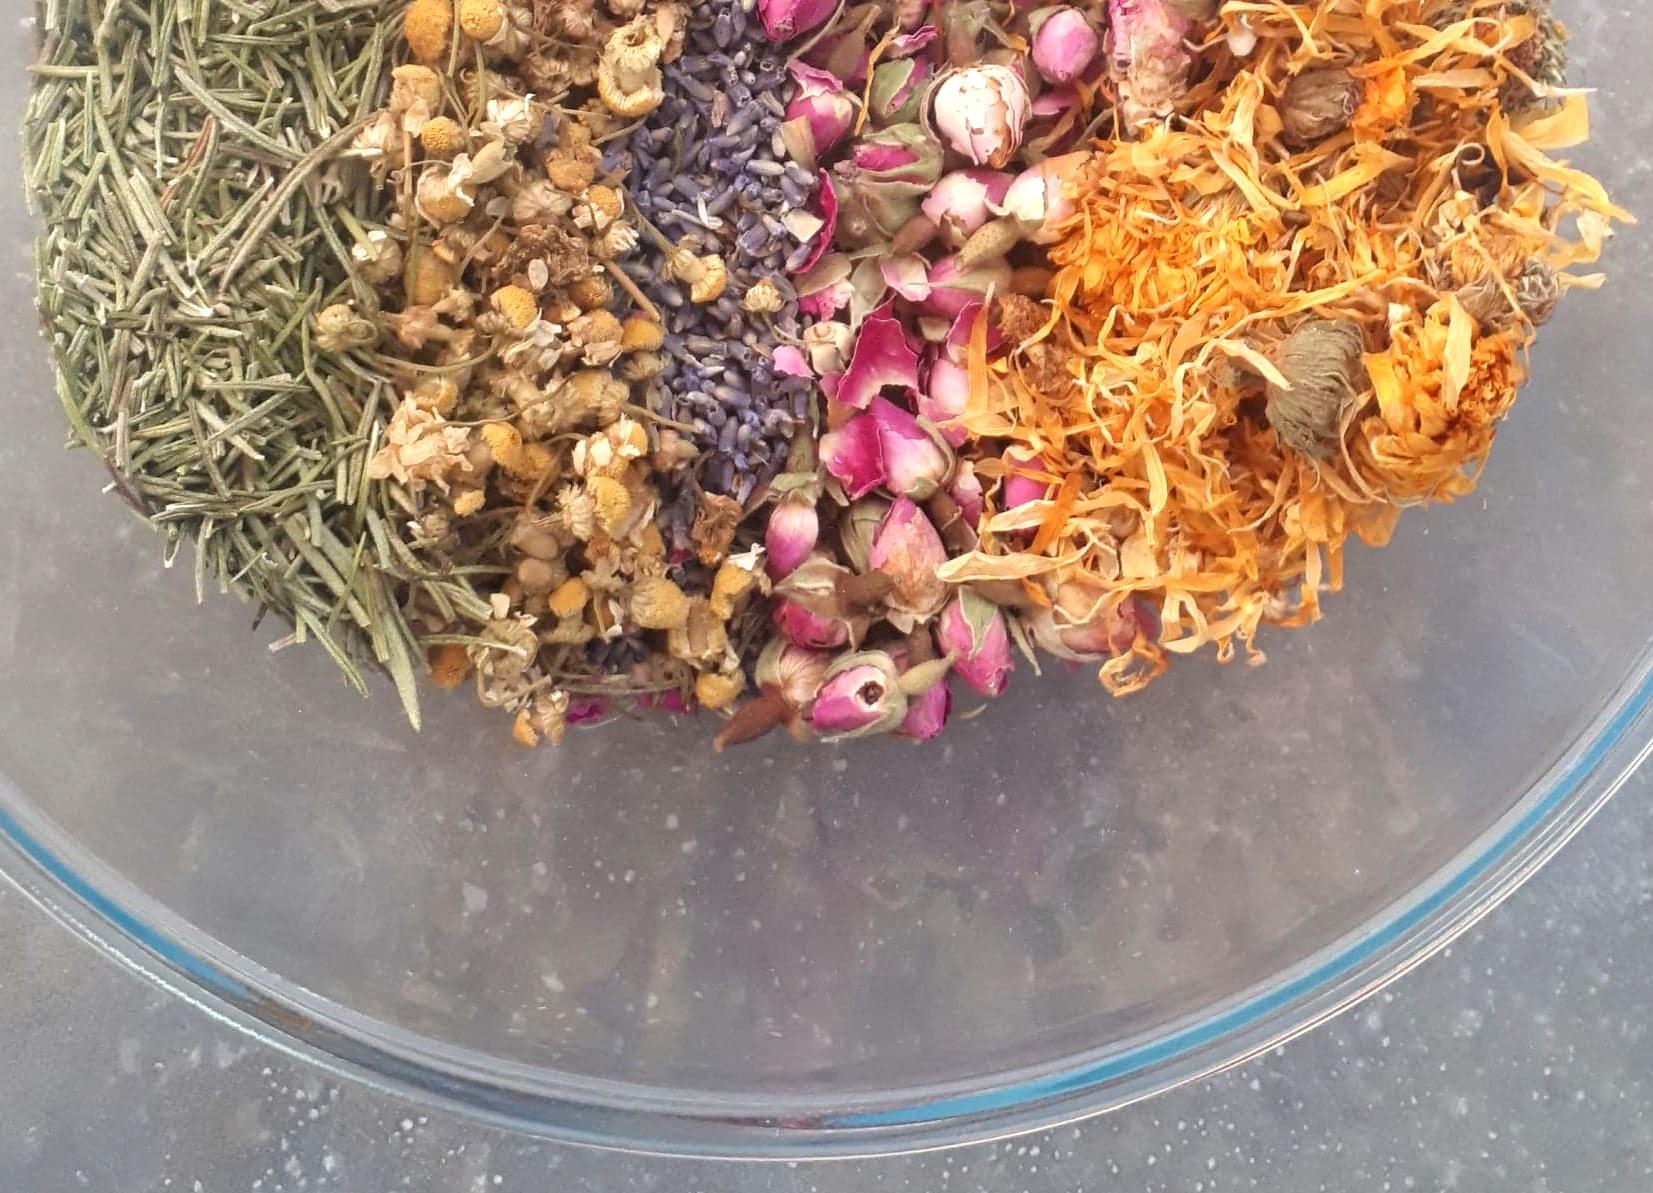 herbflowerbowl.jpg